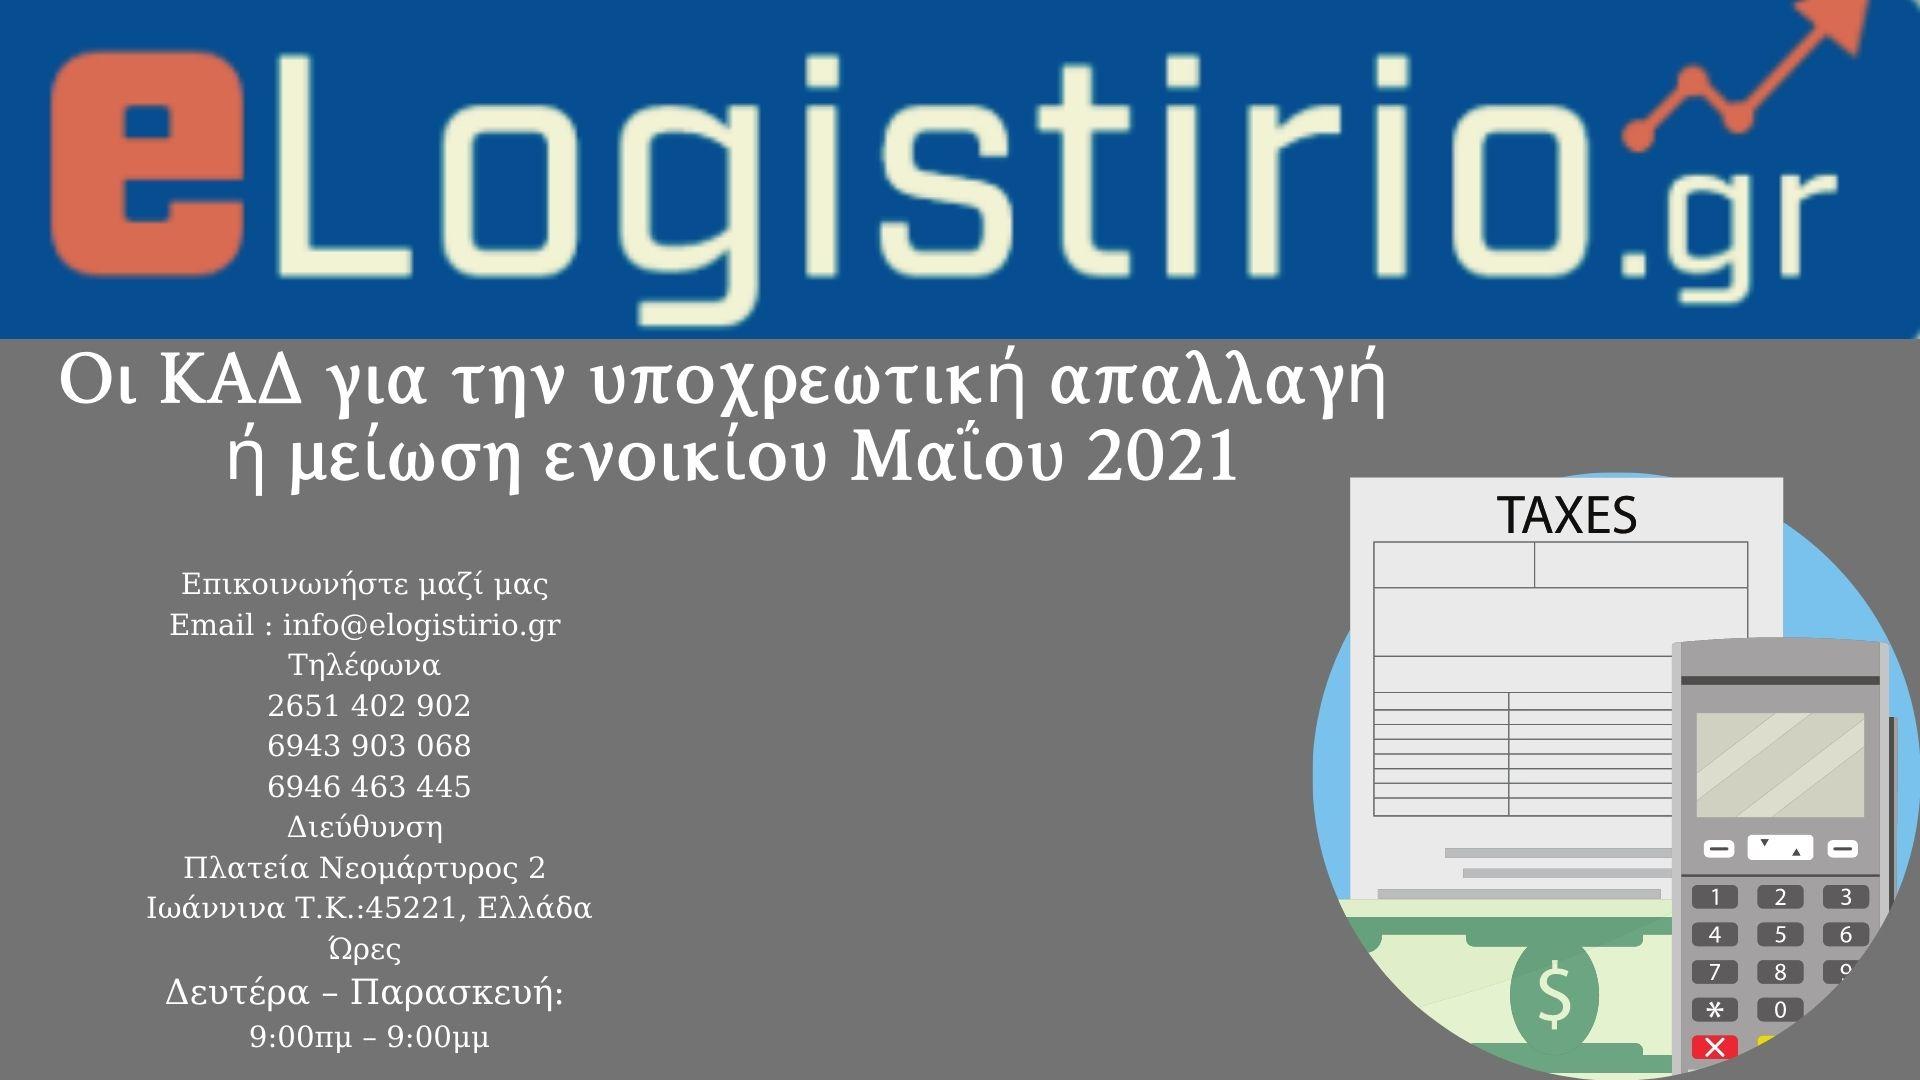 Οι ΚΑΔ για την υποχρεωτική απαλλαγή ή μείωση ενοικίου Μαΐου 2021